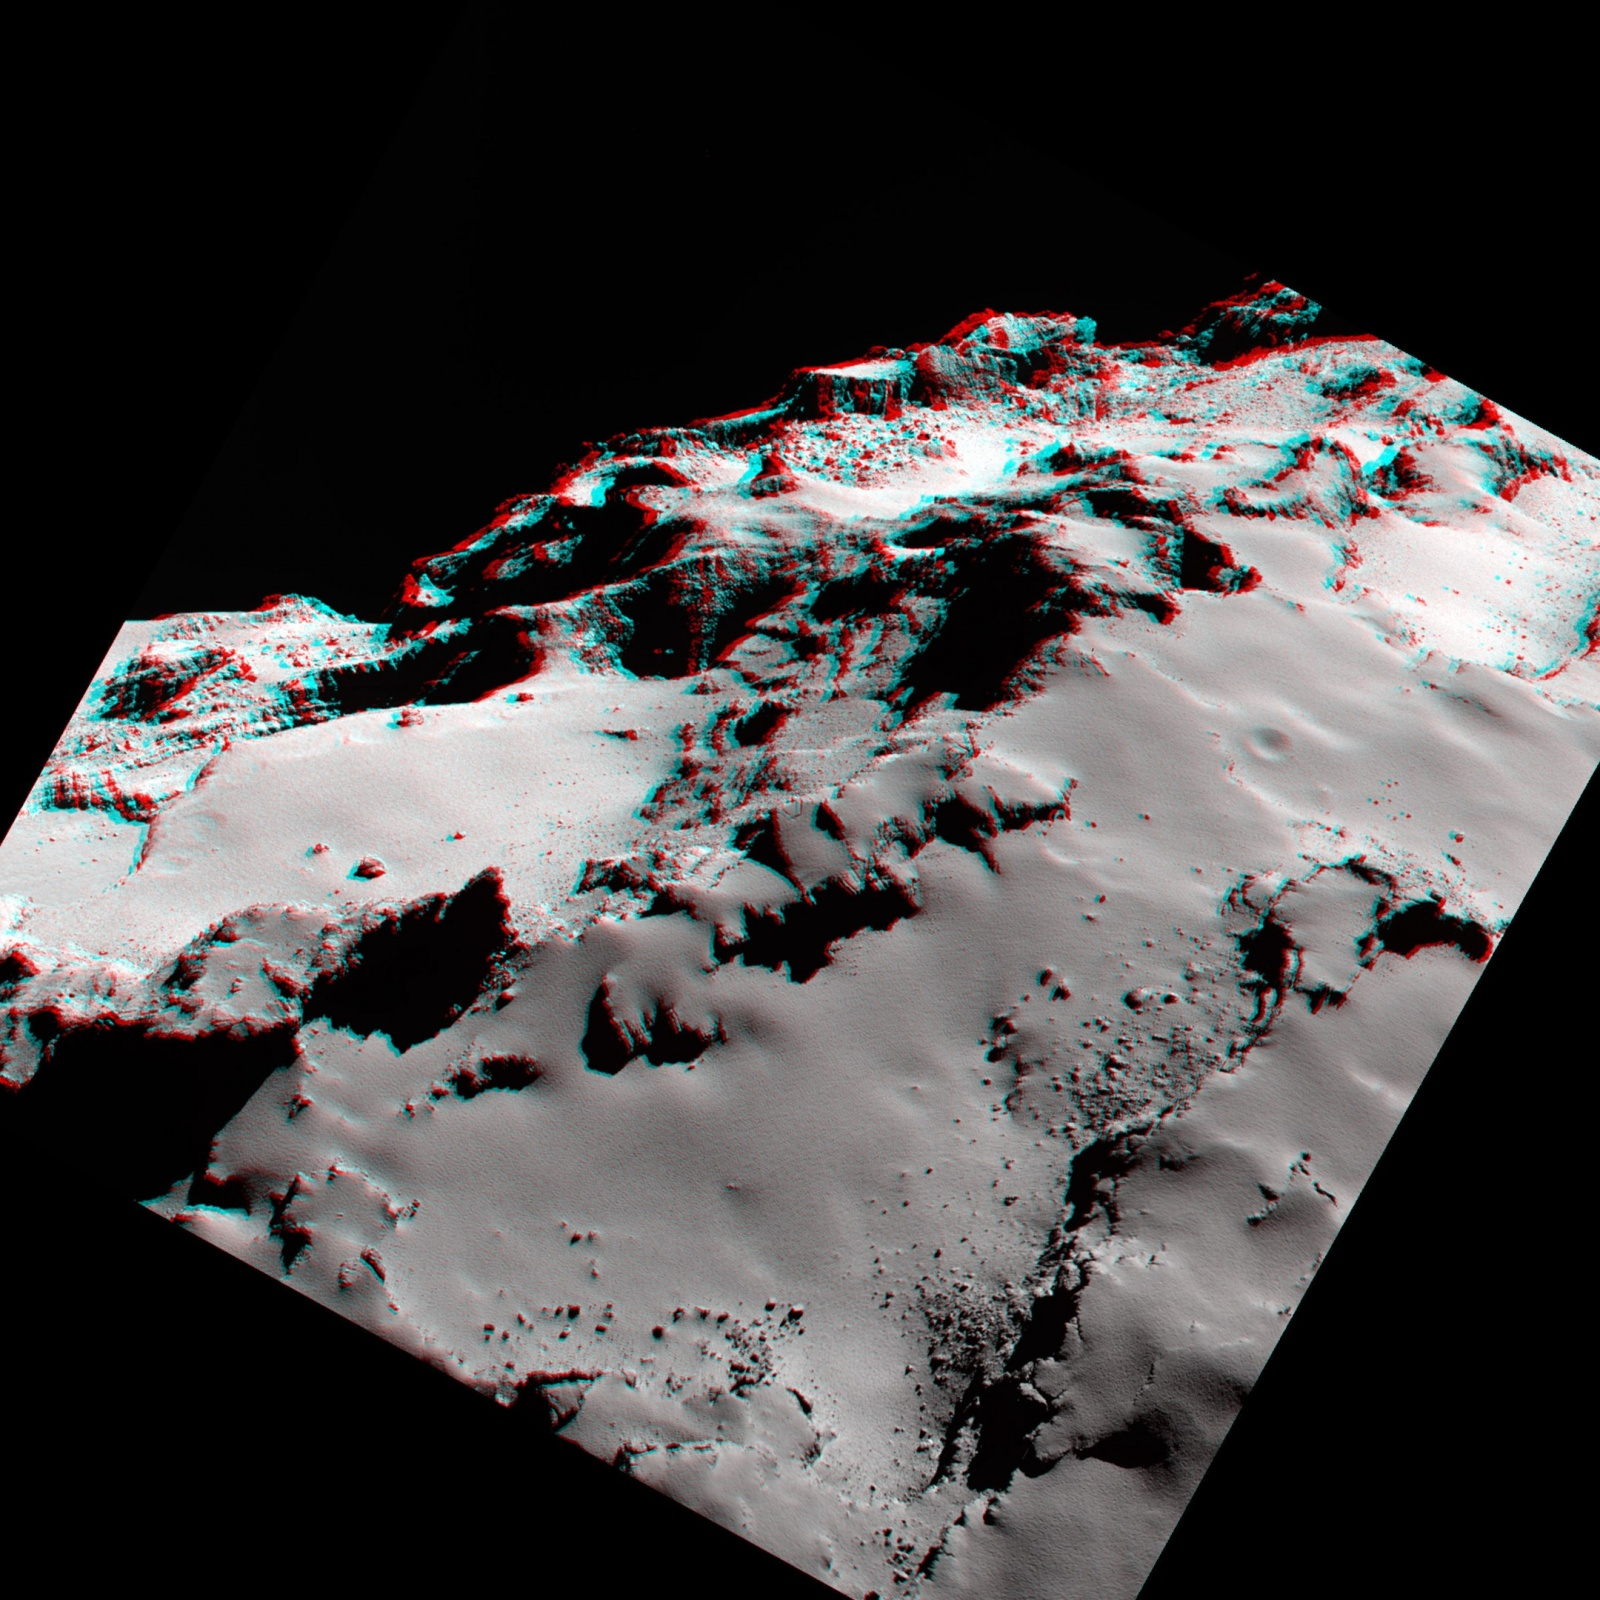 Космическое агентство ESA выложило в Сеть новые фотографии кометы Чурюмова-Герасименко - 5